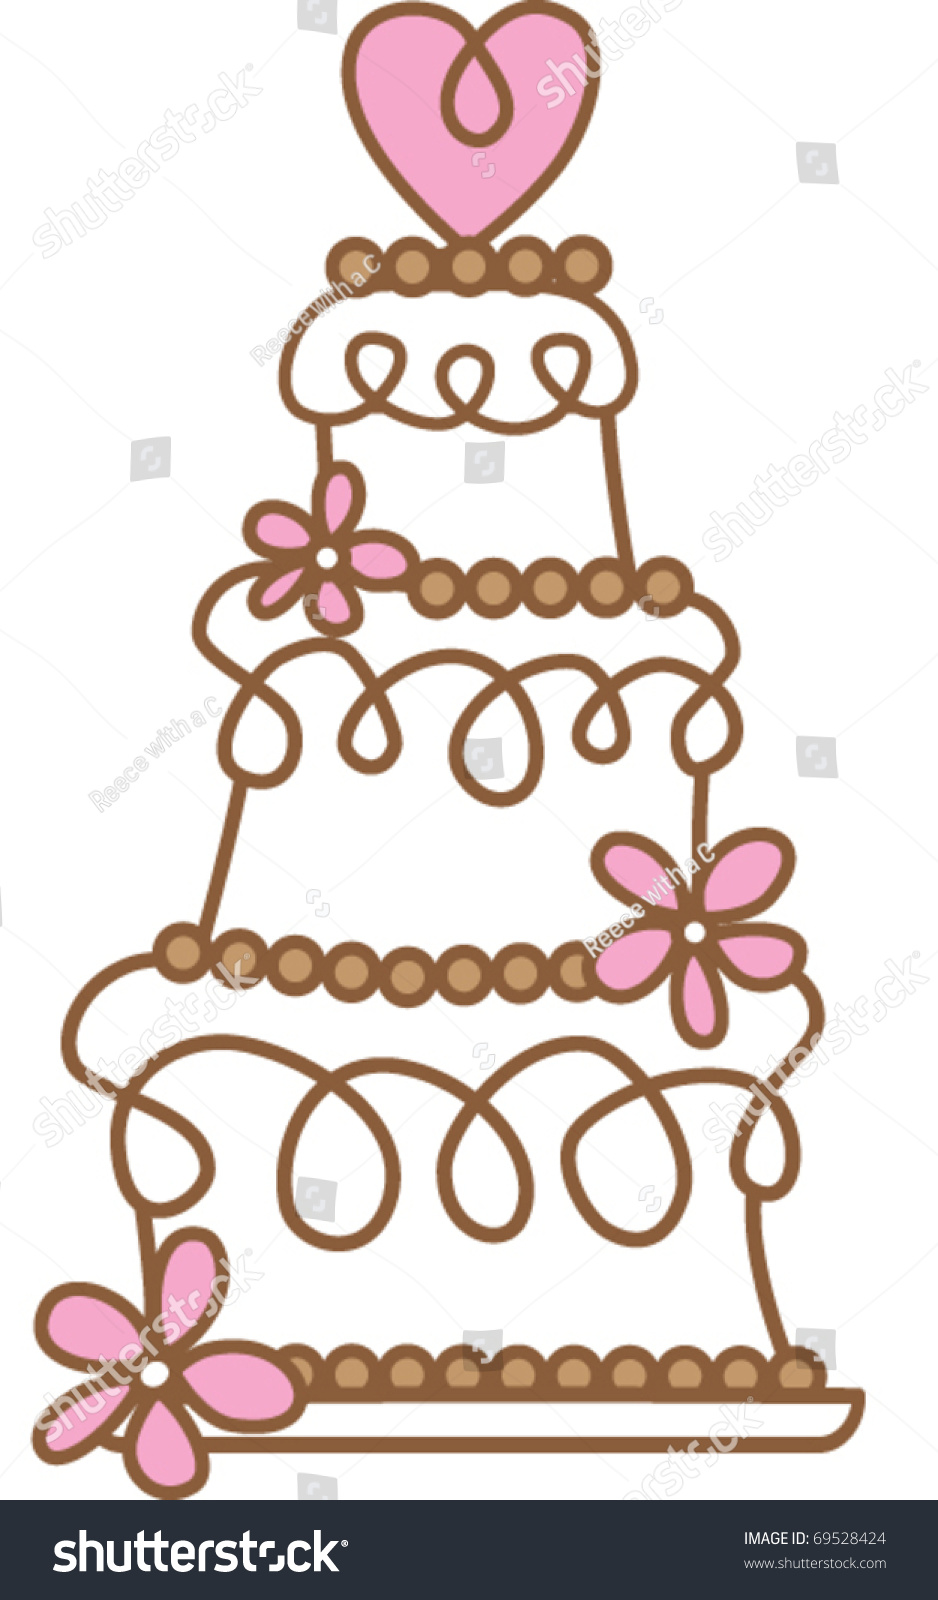 Large Size Of Wedding Cakestacking A Cake White Rose Retro